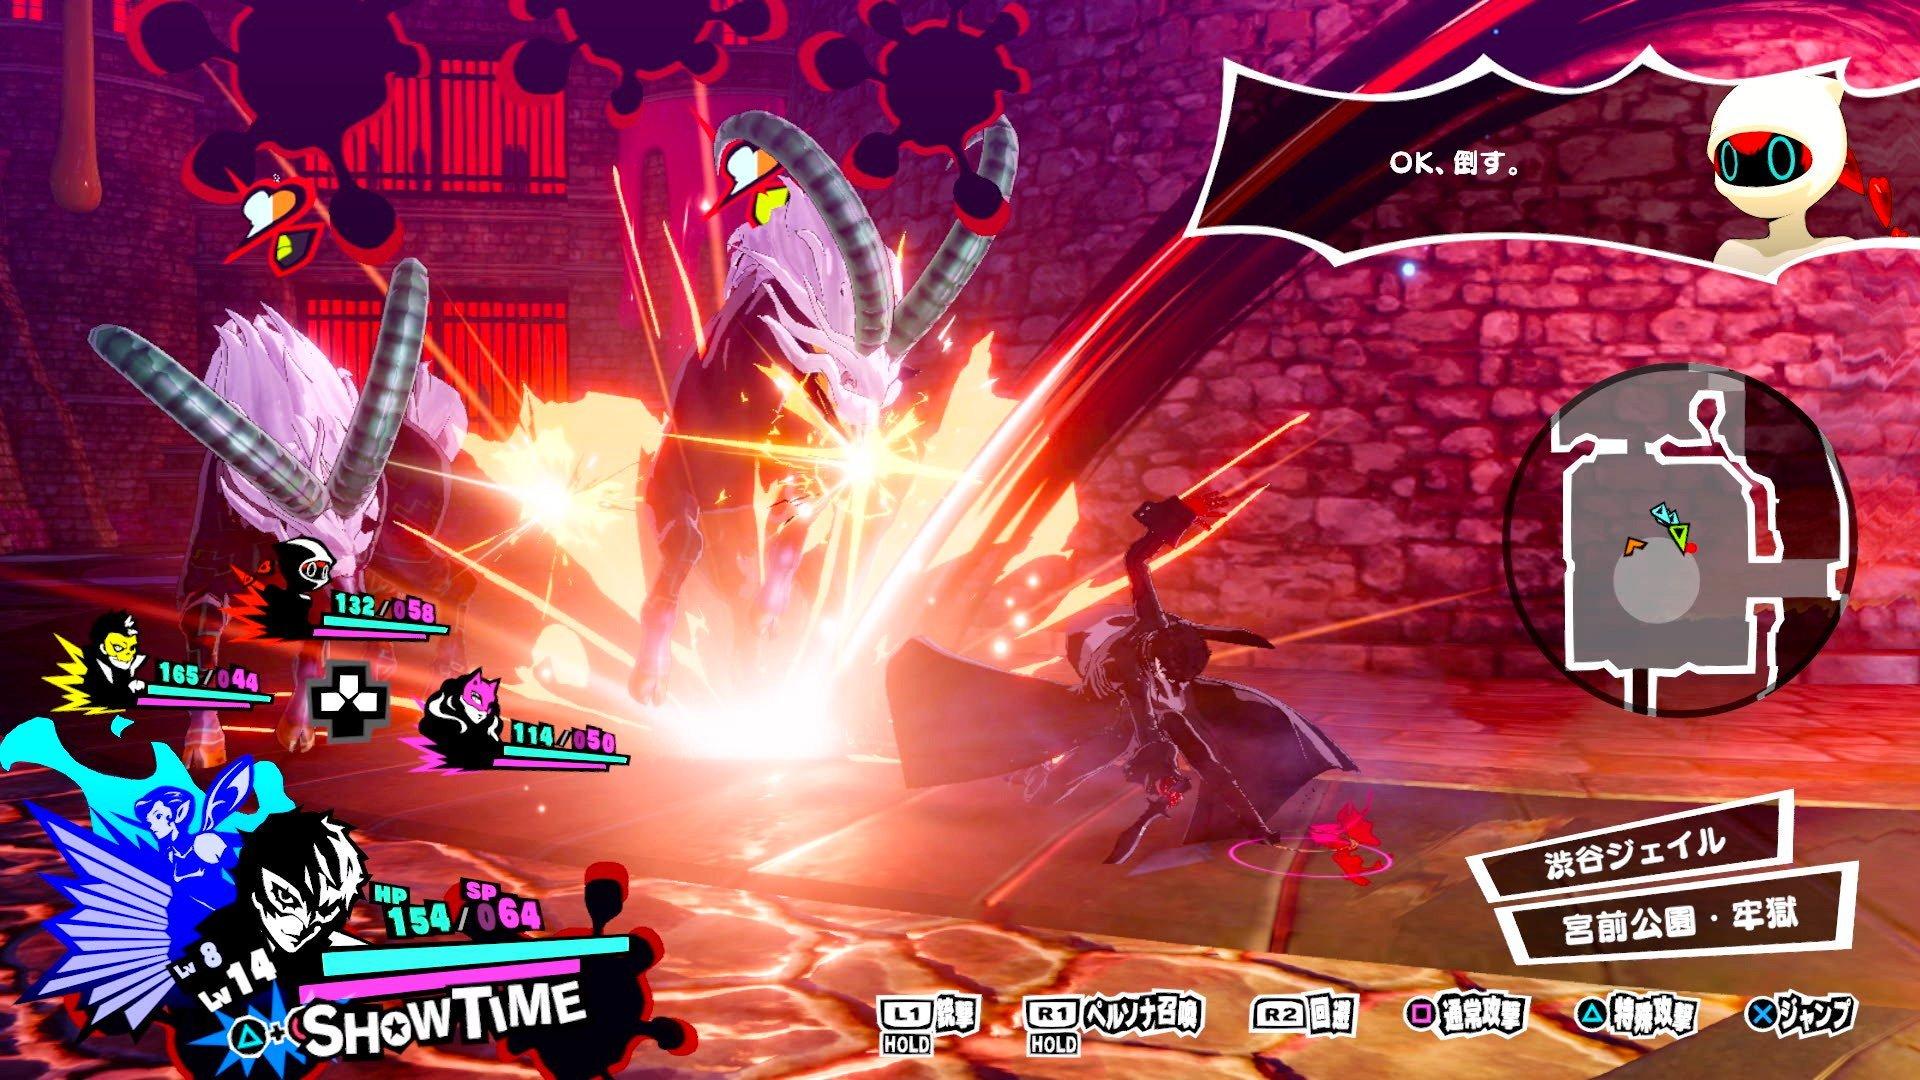 Persona 5 Scramble ganha novas imagens com gameplay diferente 3